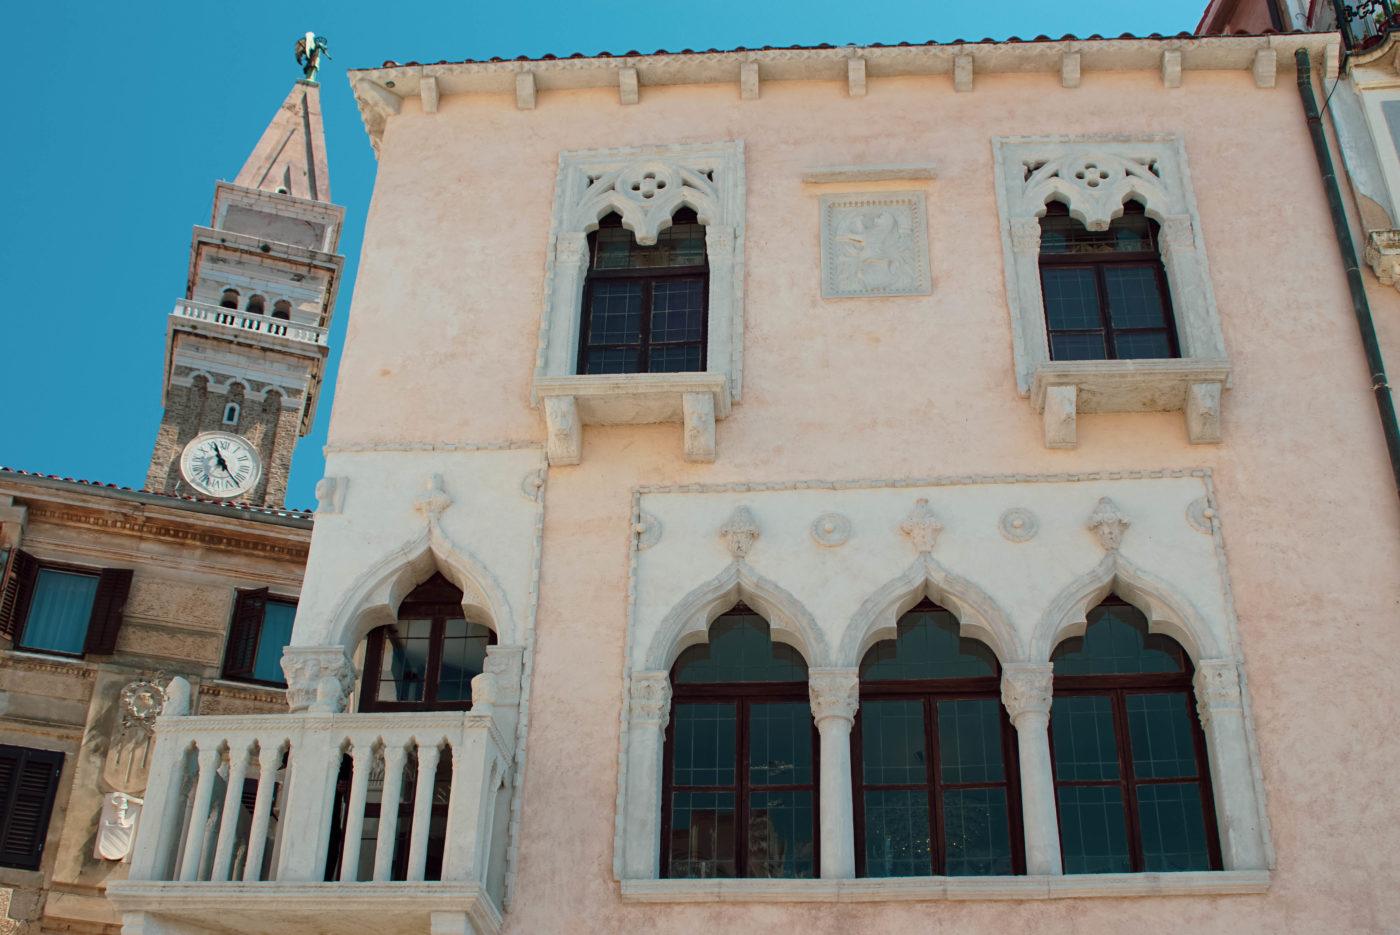 Es ist ein zweistöckiges beiges altes Handelshaus zu sehen. An der Linken Seite gibt es einen Balkon. Fenster Rahmen und Balkon haben orientalische Merkmale und sind aus weißem Marmor gefertigt. Im Hintergrund erhebt sich eine venezianische Kirchturmspitze ähnlich wie die am St. Marcus Platz in Venedig